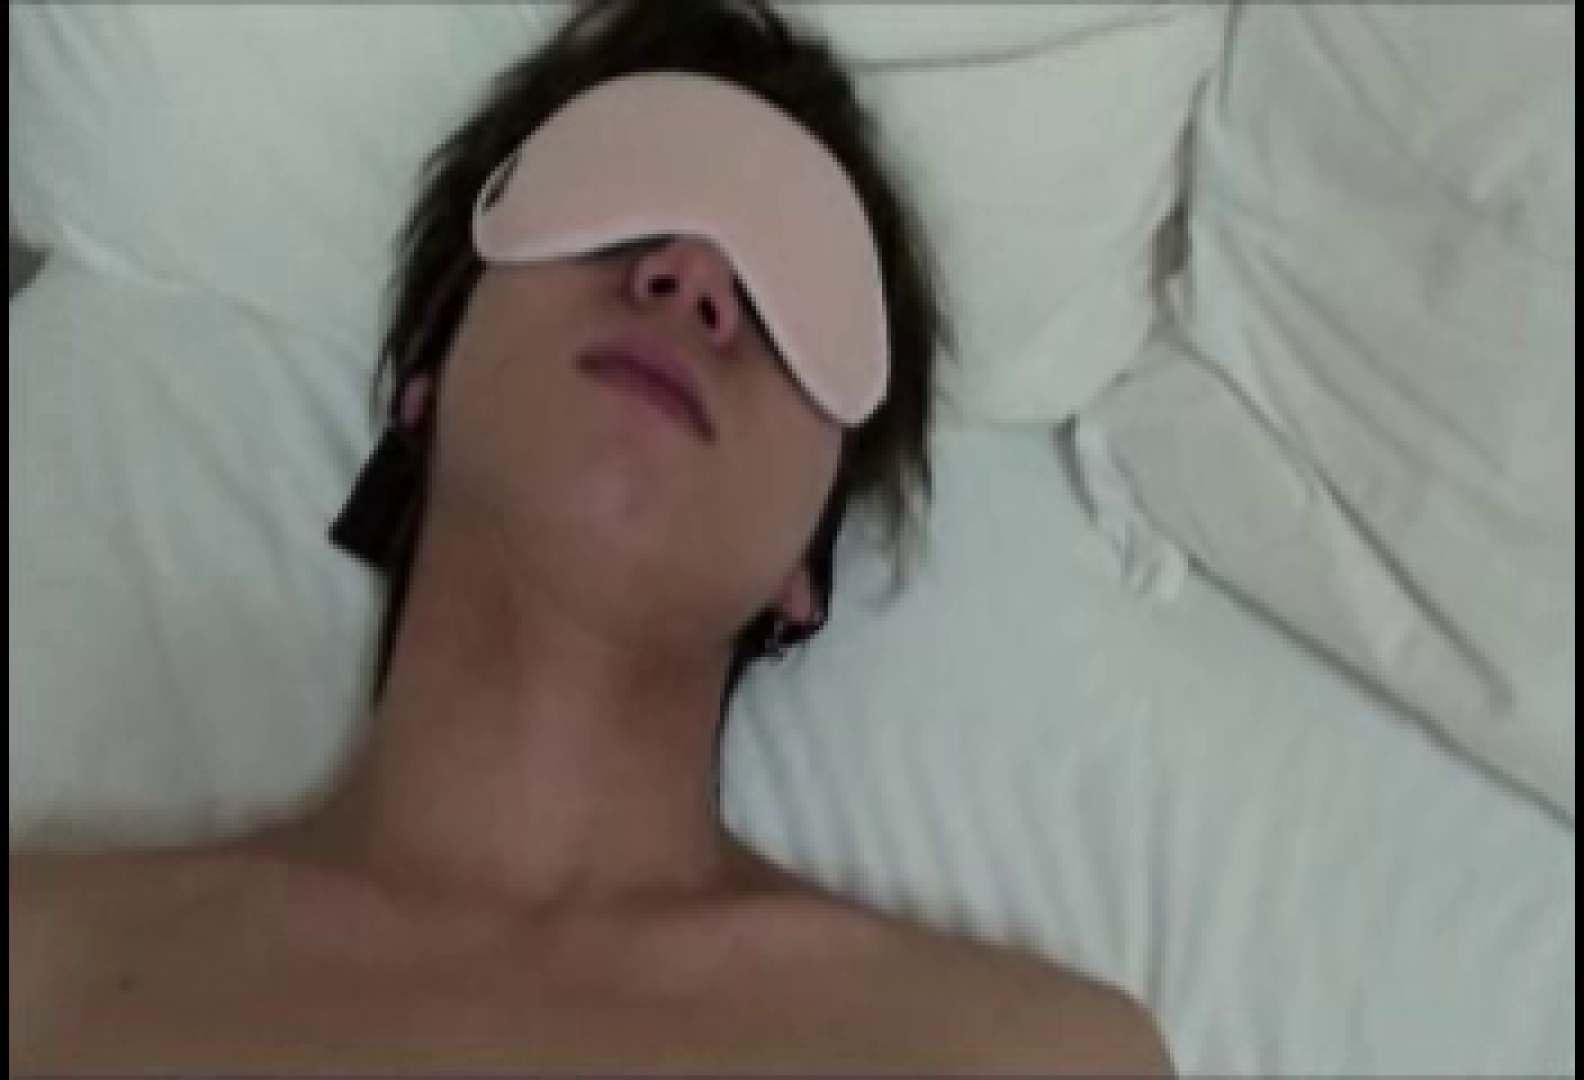 アイマスクでおもいっきり性感帯!!vol.05 ゲイのオナニー映像 | 手コキ  71枚 31